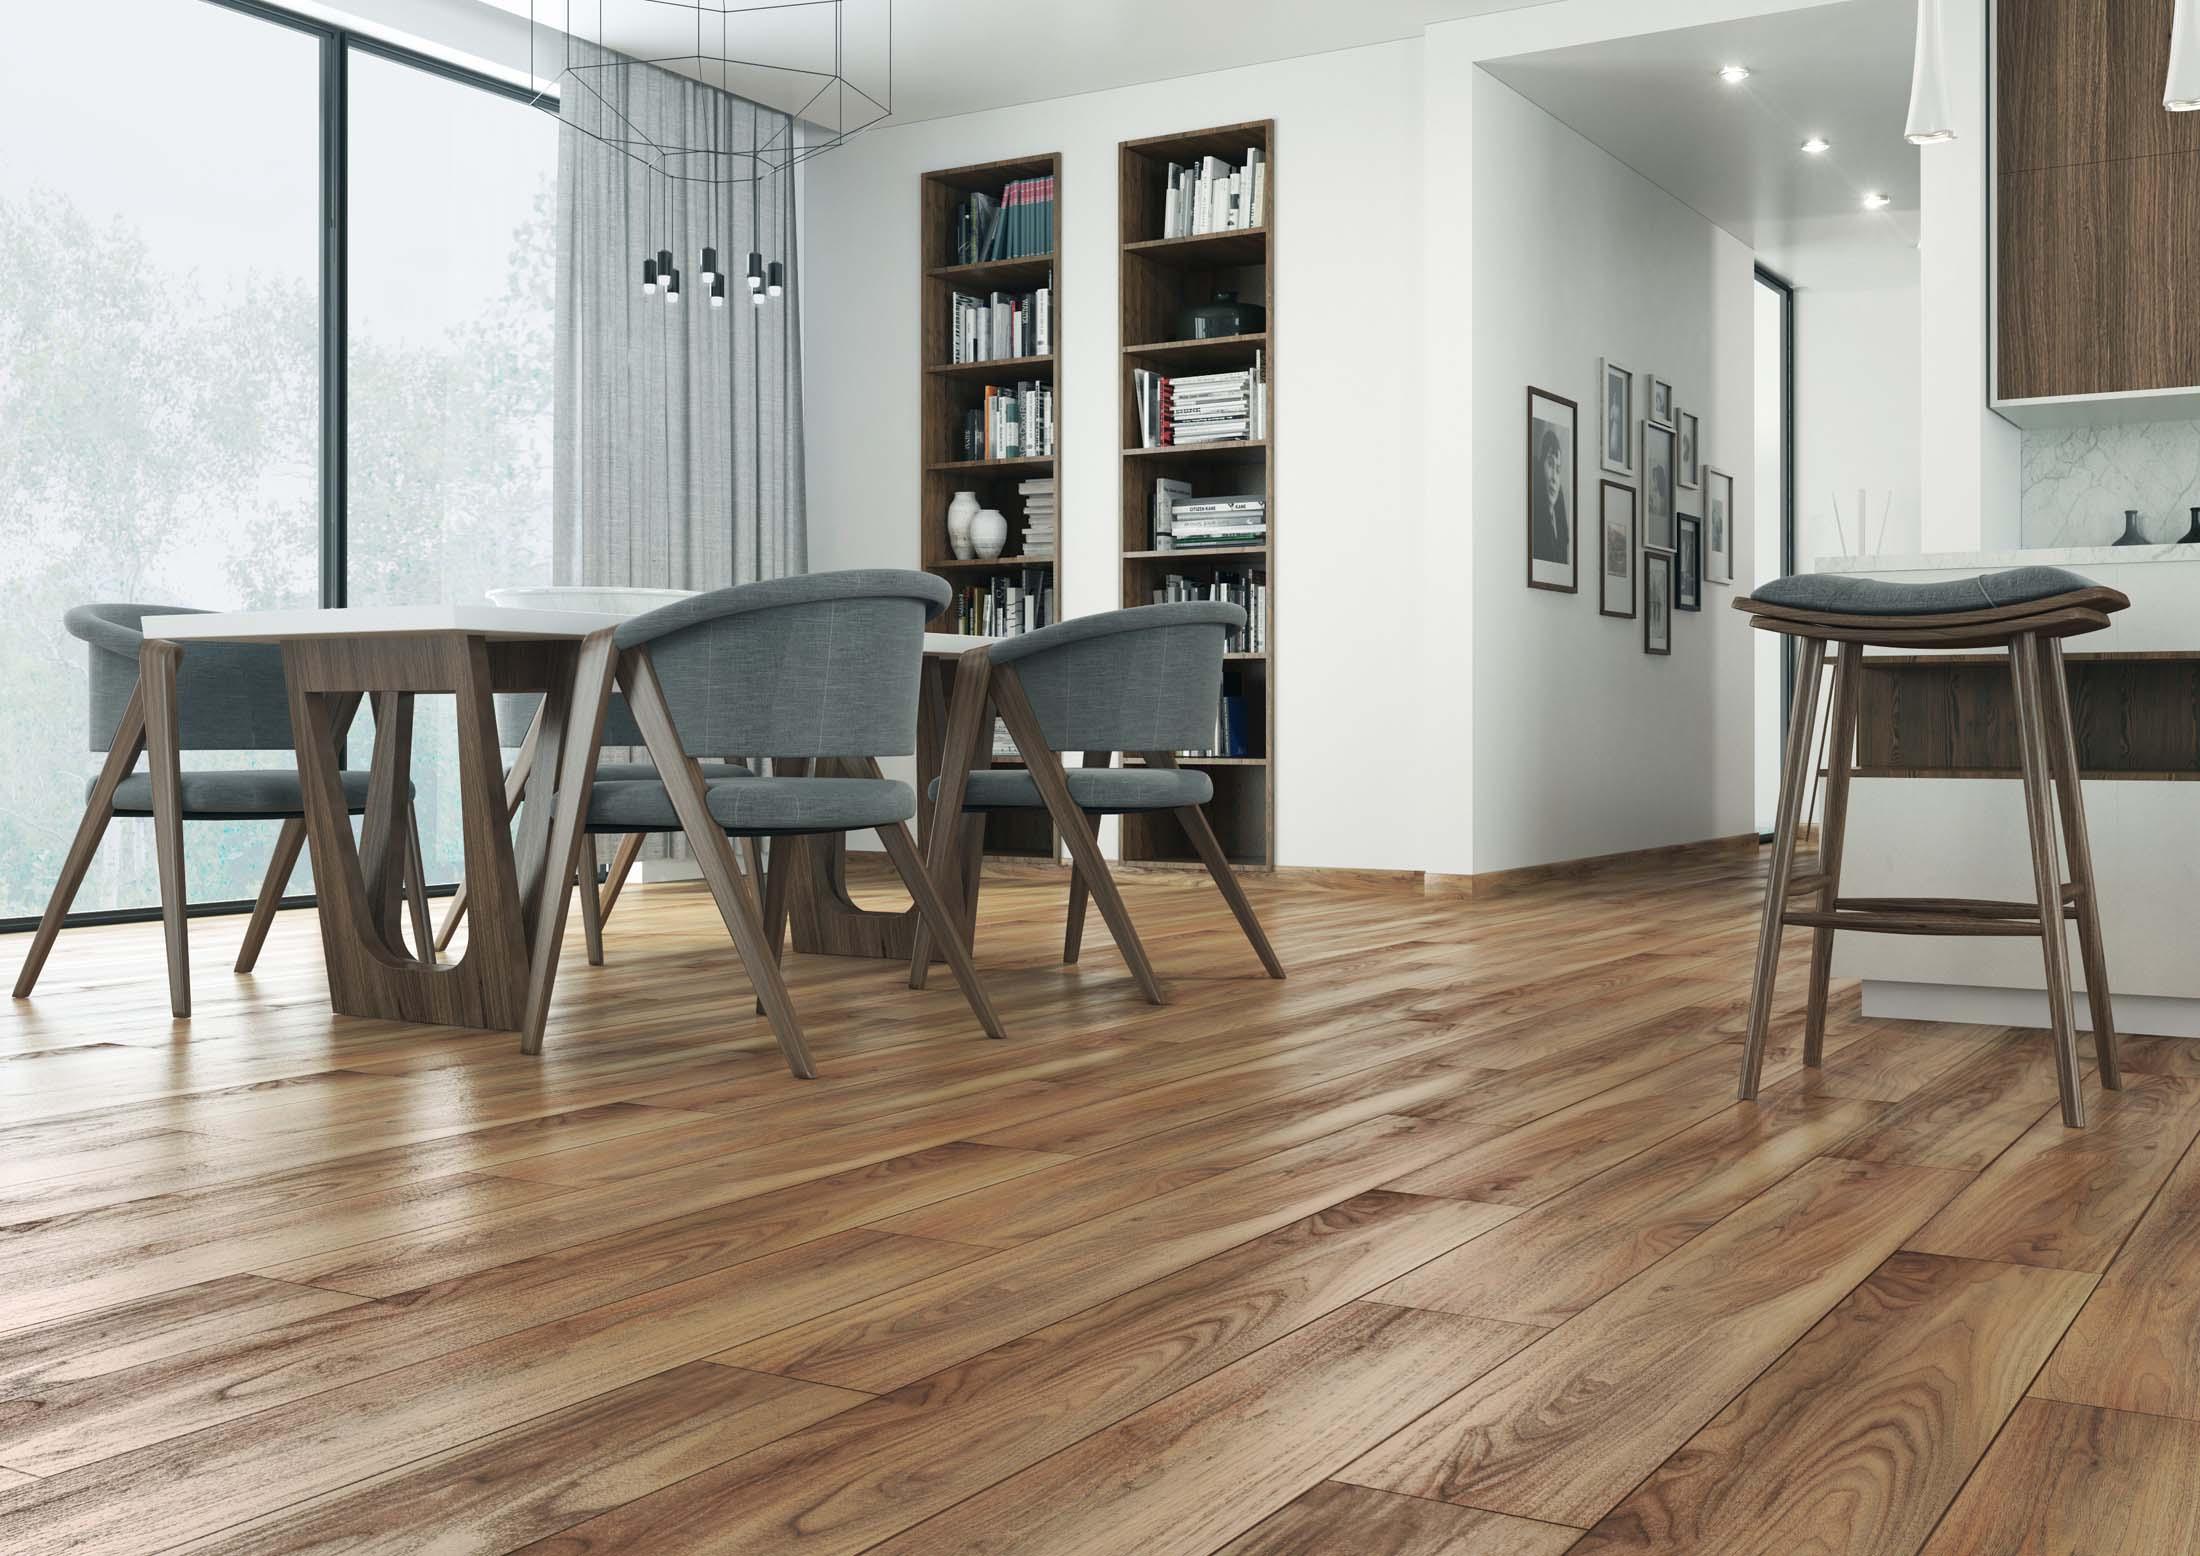 Grubość paneli podłogowych – jak dobrać panele podłogowe